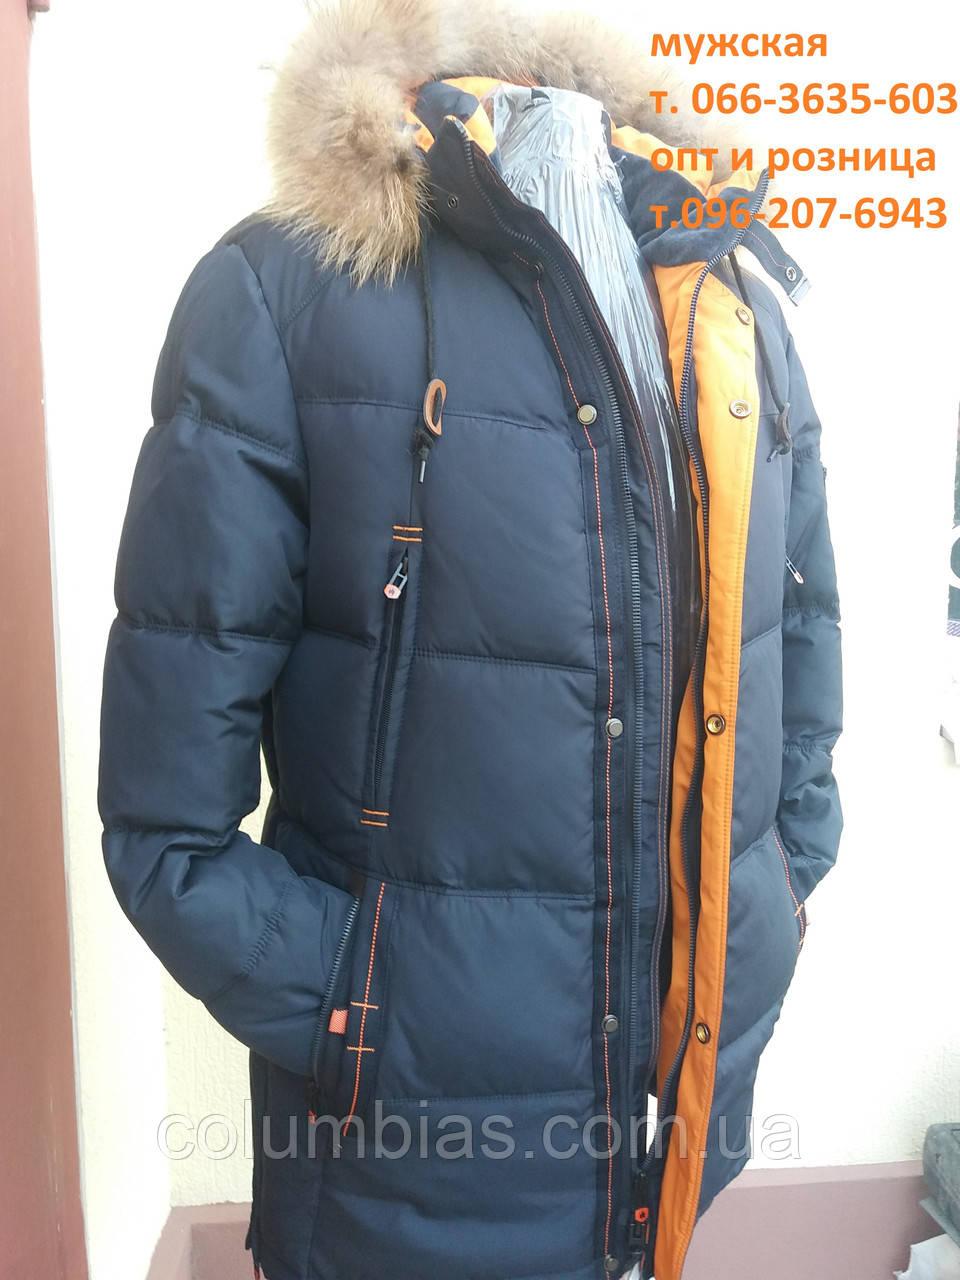 Зимняя куртка парка - ВЕСЬ ТОВАР В НАЛИЧИИ. ЗВОНИТЕ В ЛЮБОЕ ВРЕМЯ ! в  Днепропетровской 2eb5b07f797